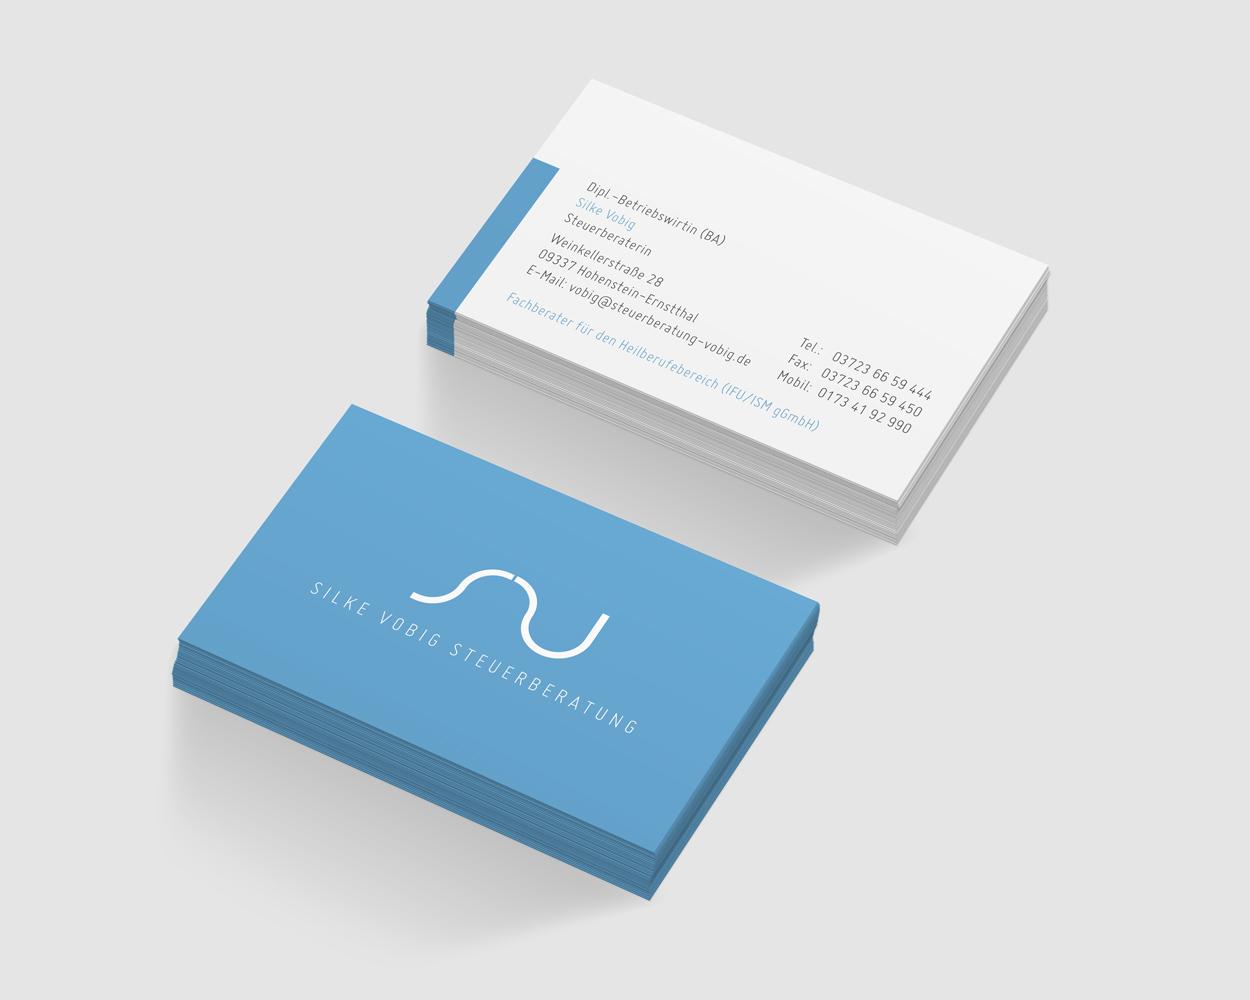 Silke vobig werbeagentur kopfnuss for Design consultant company